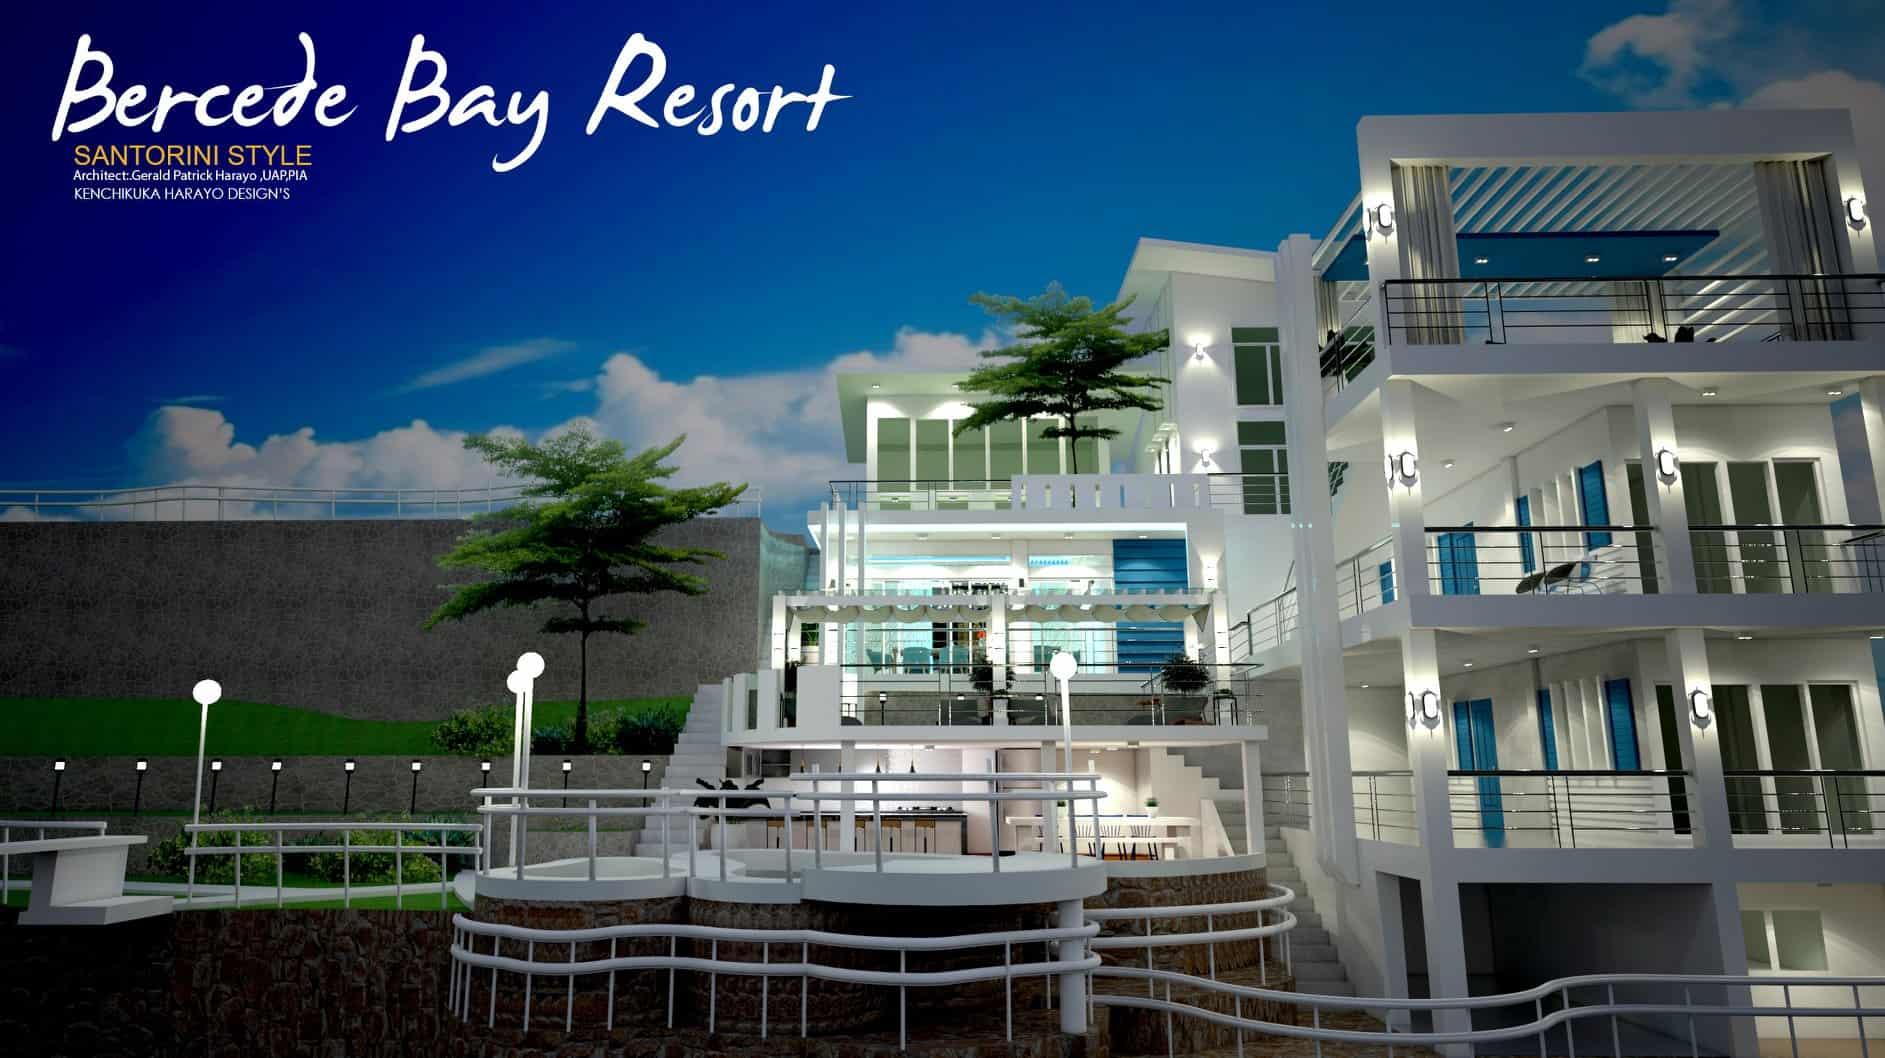 Bercede Bay Resort Santorini